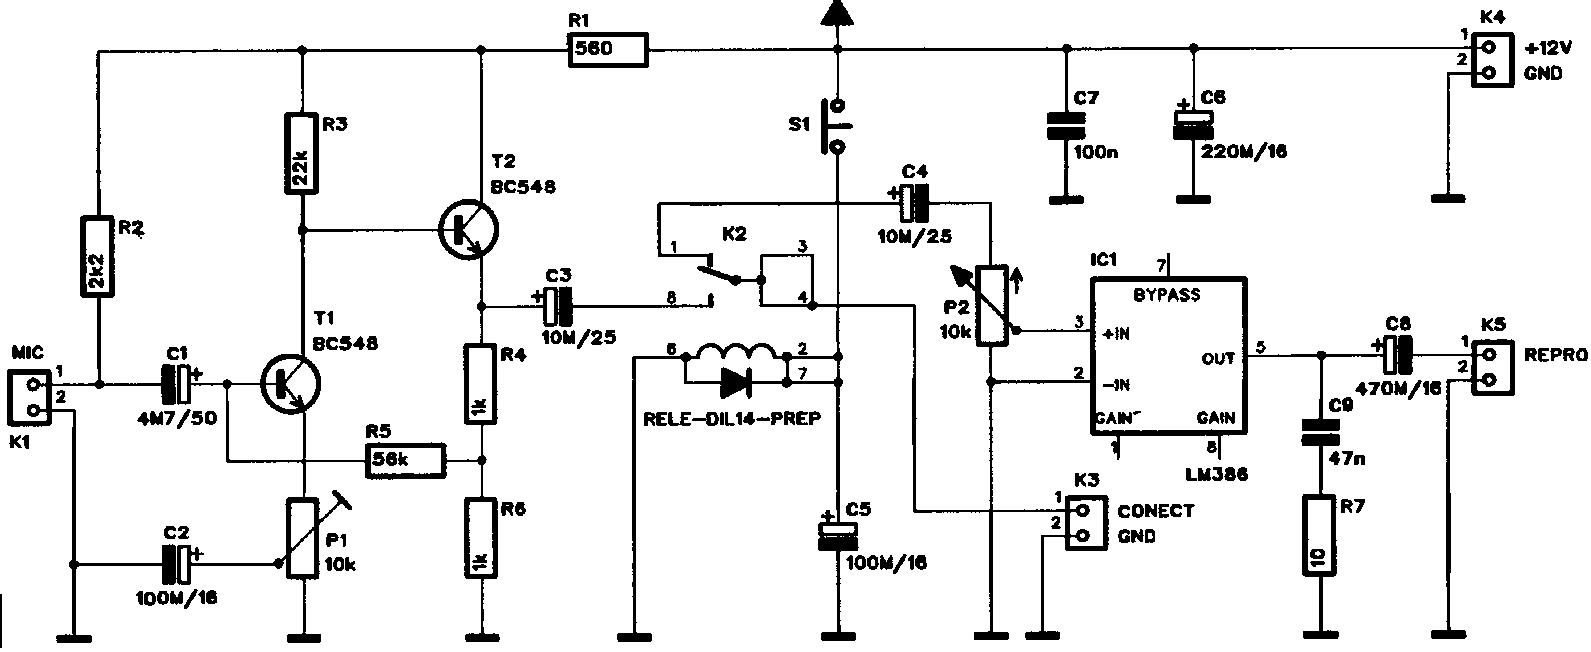 П контур разработка дальневосточных радиолюбителейСхема. выходу этого усилителя подключен малогабаритный...